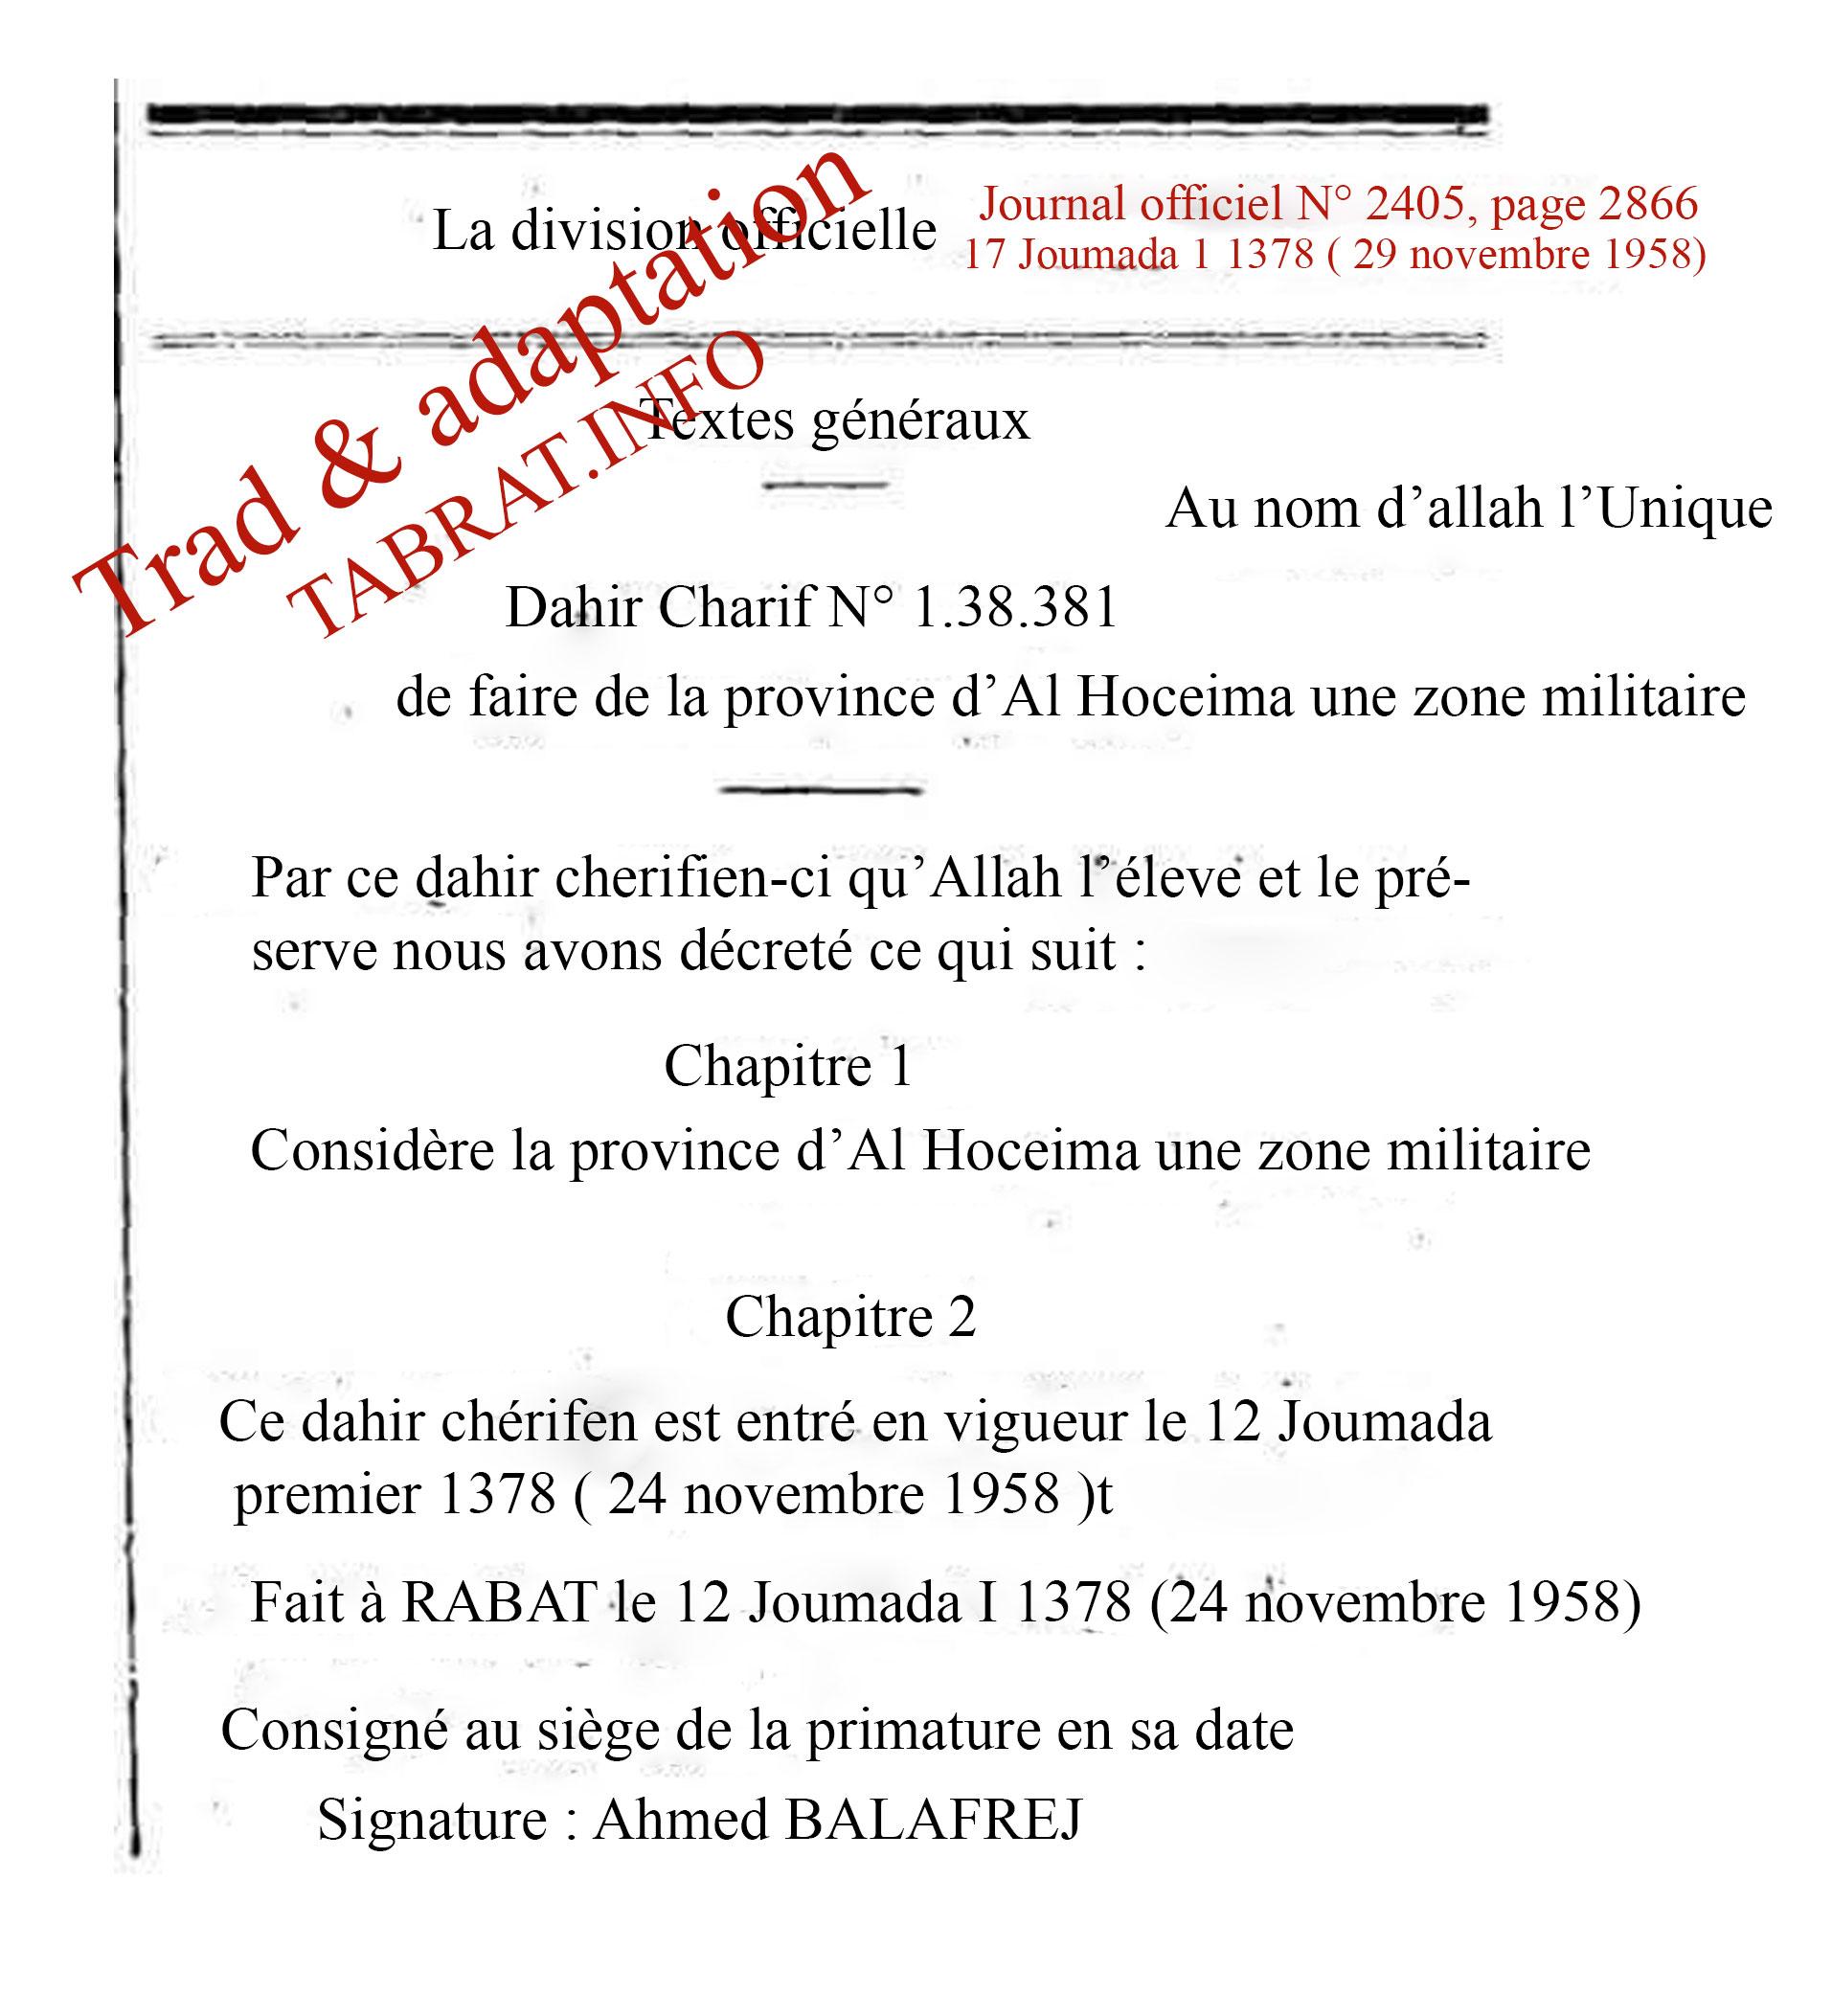 Le Dahir royal n° 1.58.381 publié dans le Bulletin officiel numéro 2405. / Ph. DR